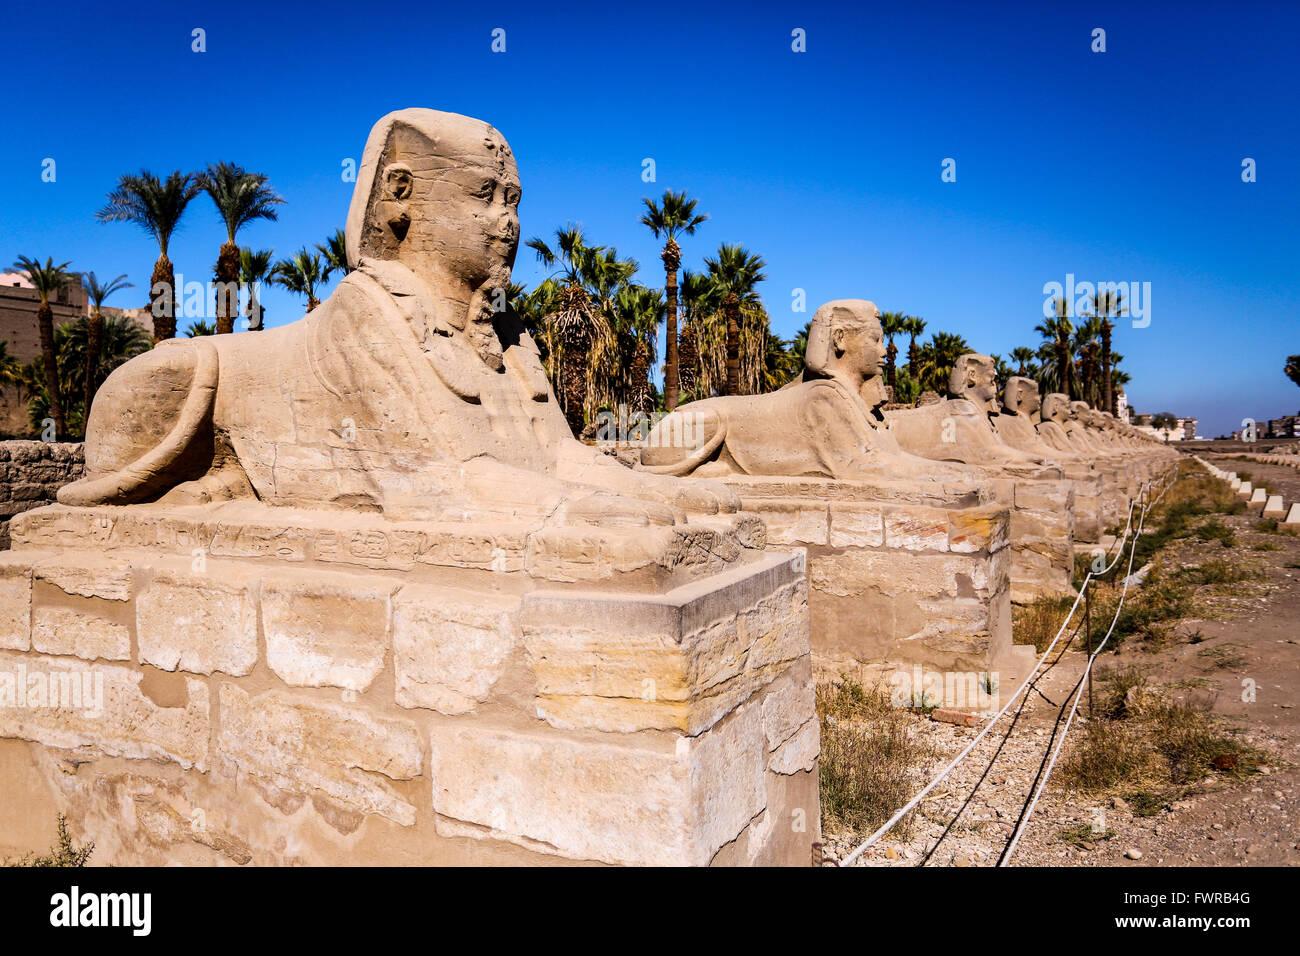 L'Avenue de sphinx de l'Egypte en Luxor Luxor Temple Banque D'Images